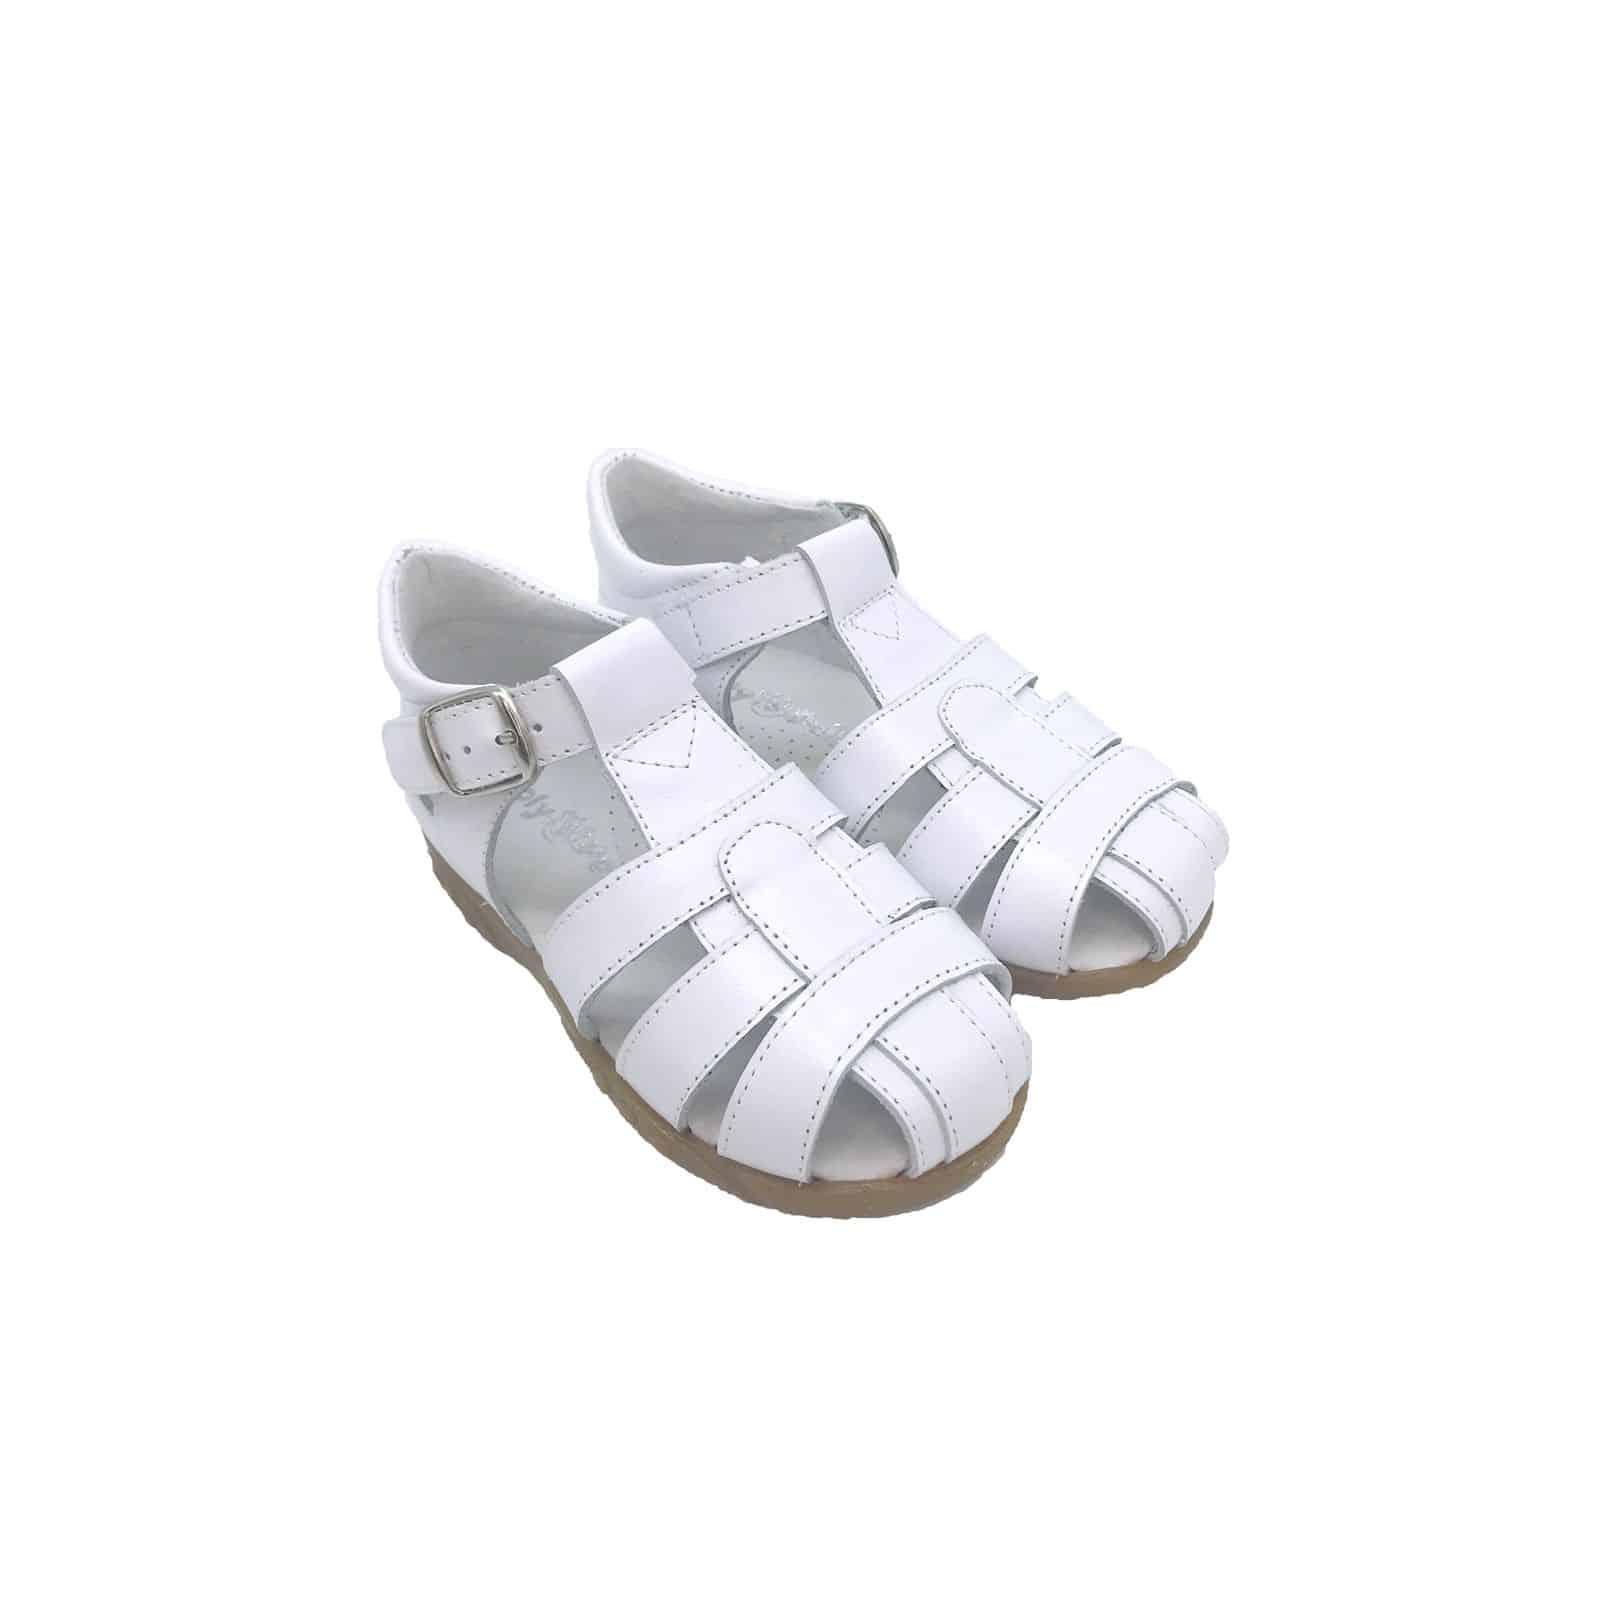 Chaussures Sandales Semelle Fermées Souple Ceremonie kPZuOiTX